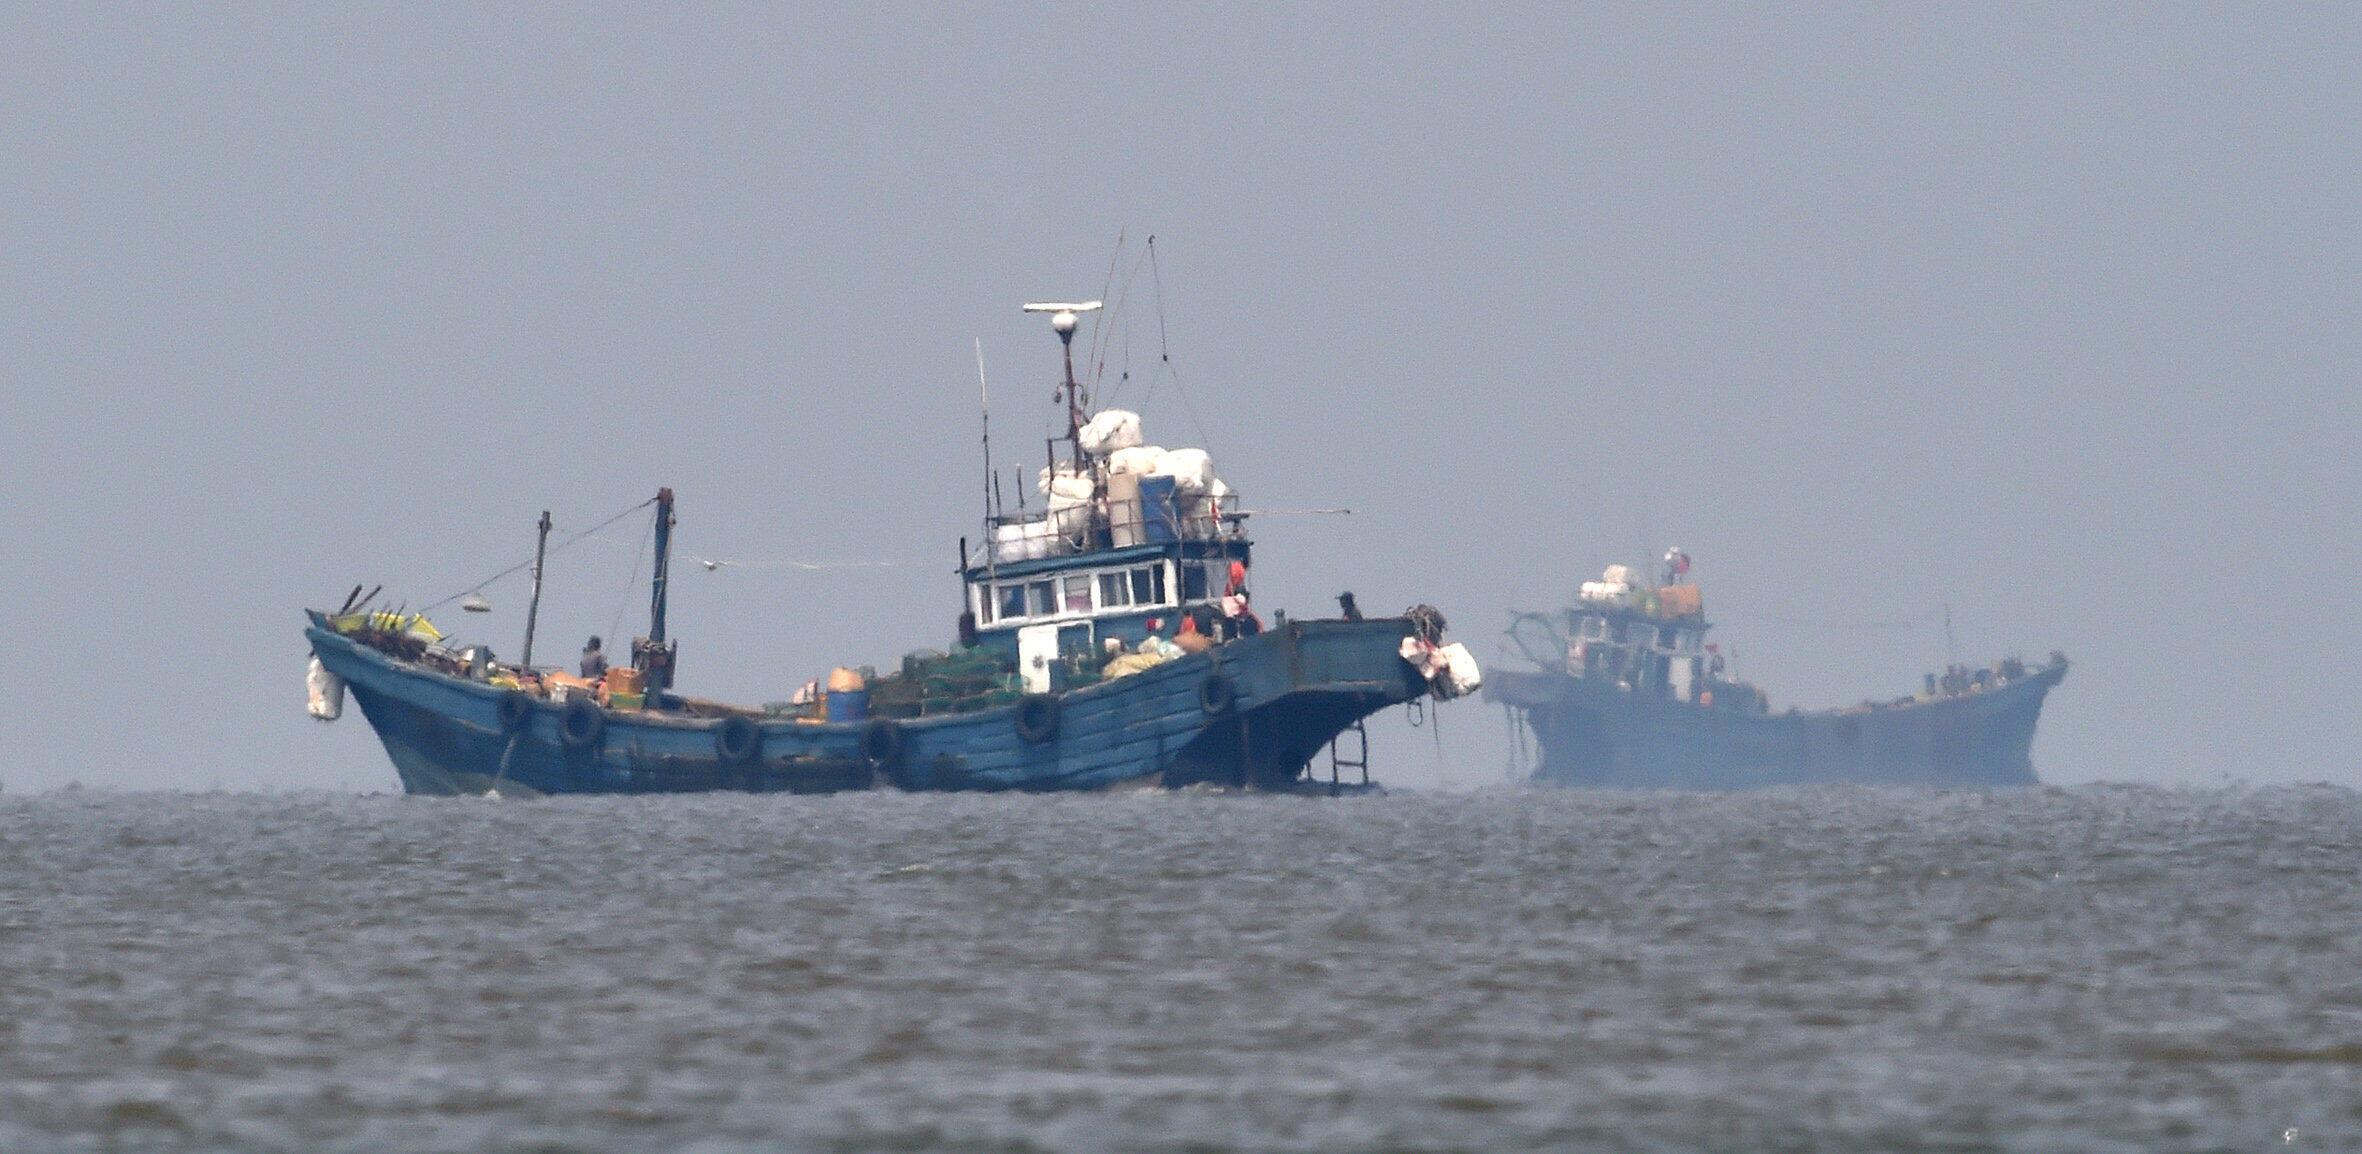 Tàu cá Trung Quốc tại bờ tây Hàn Quốc. Ảnh do Yonhap cung cấp ngày 10/06/2016.